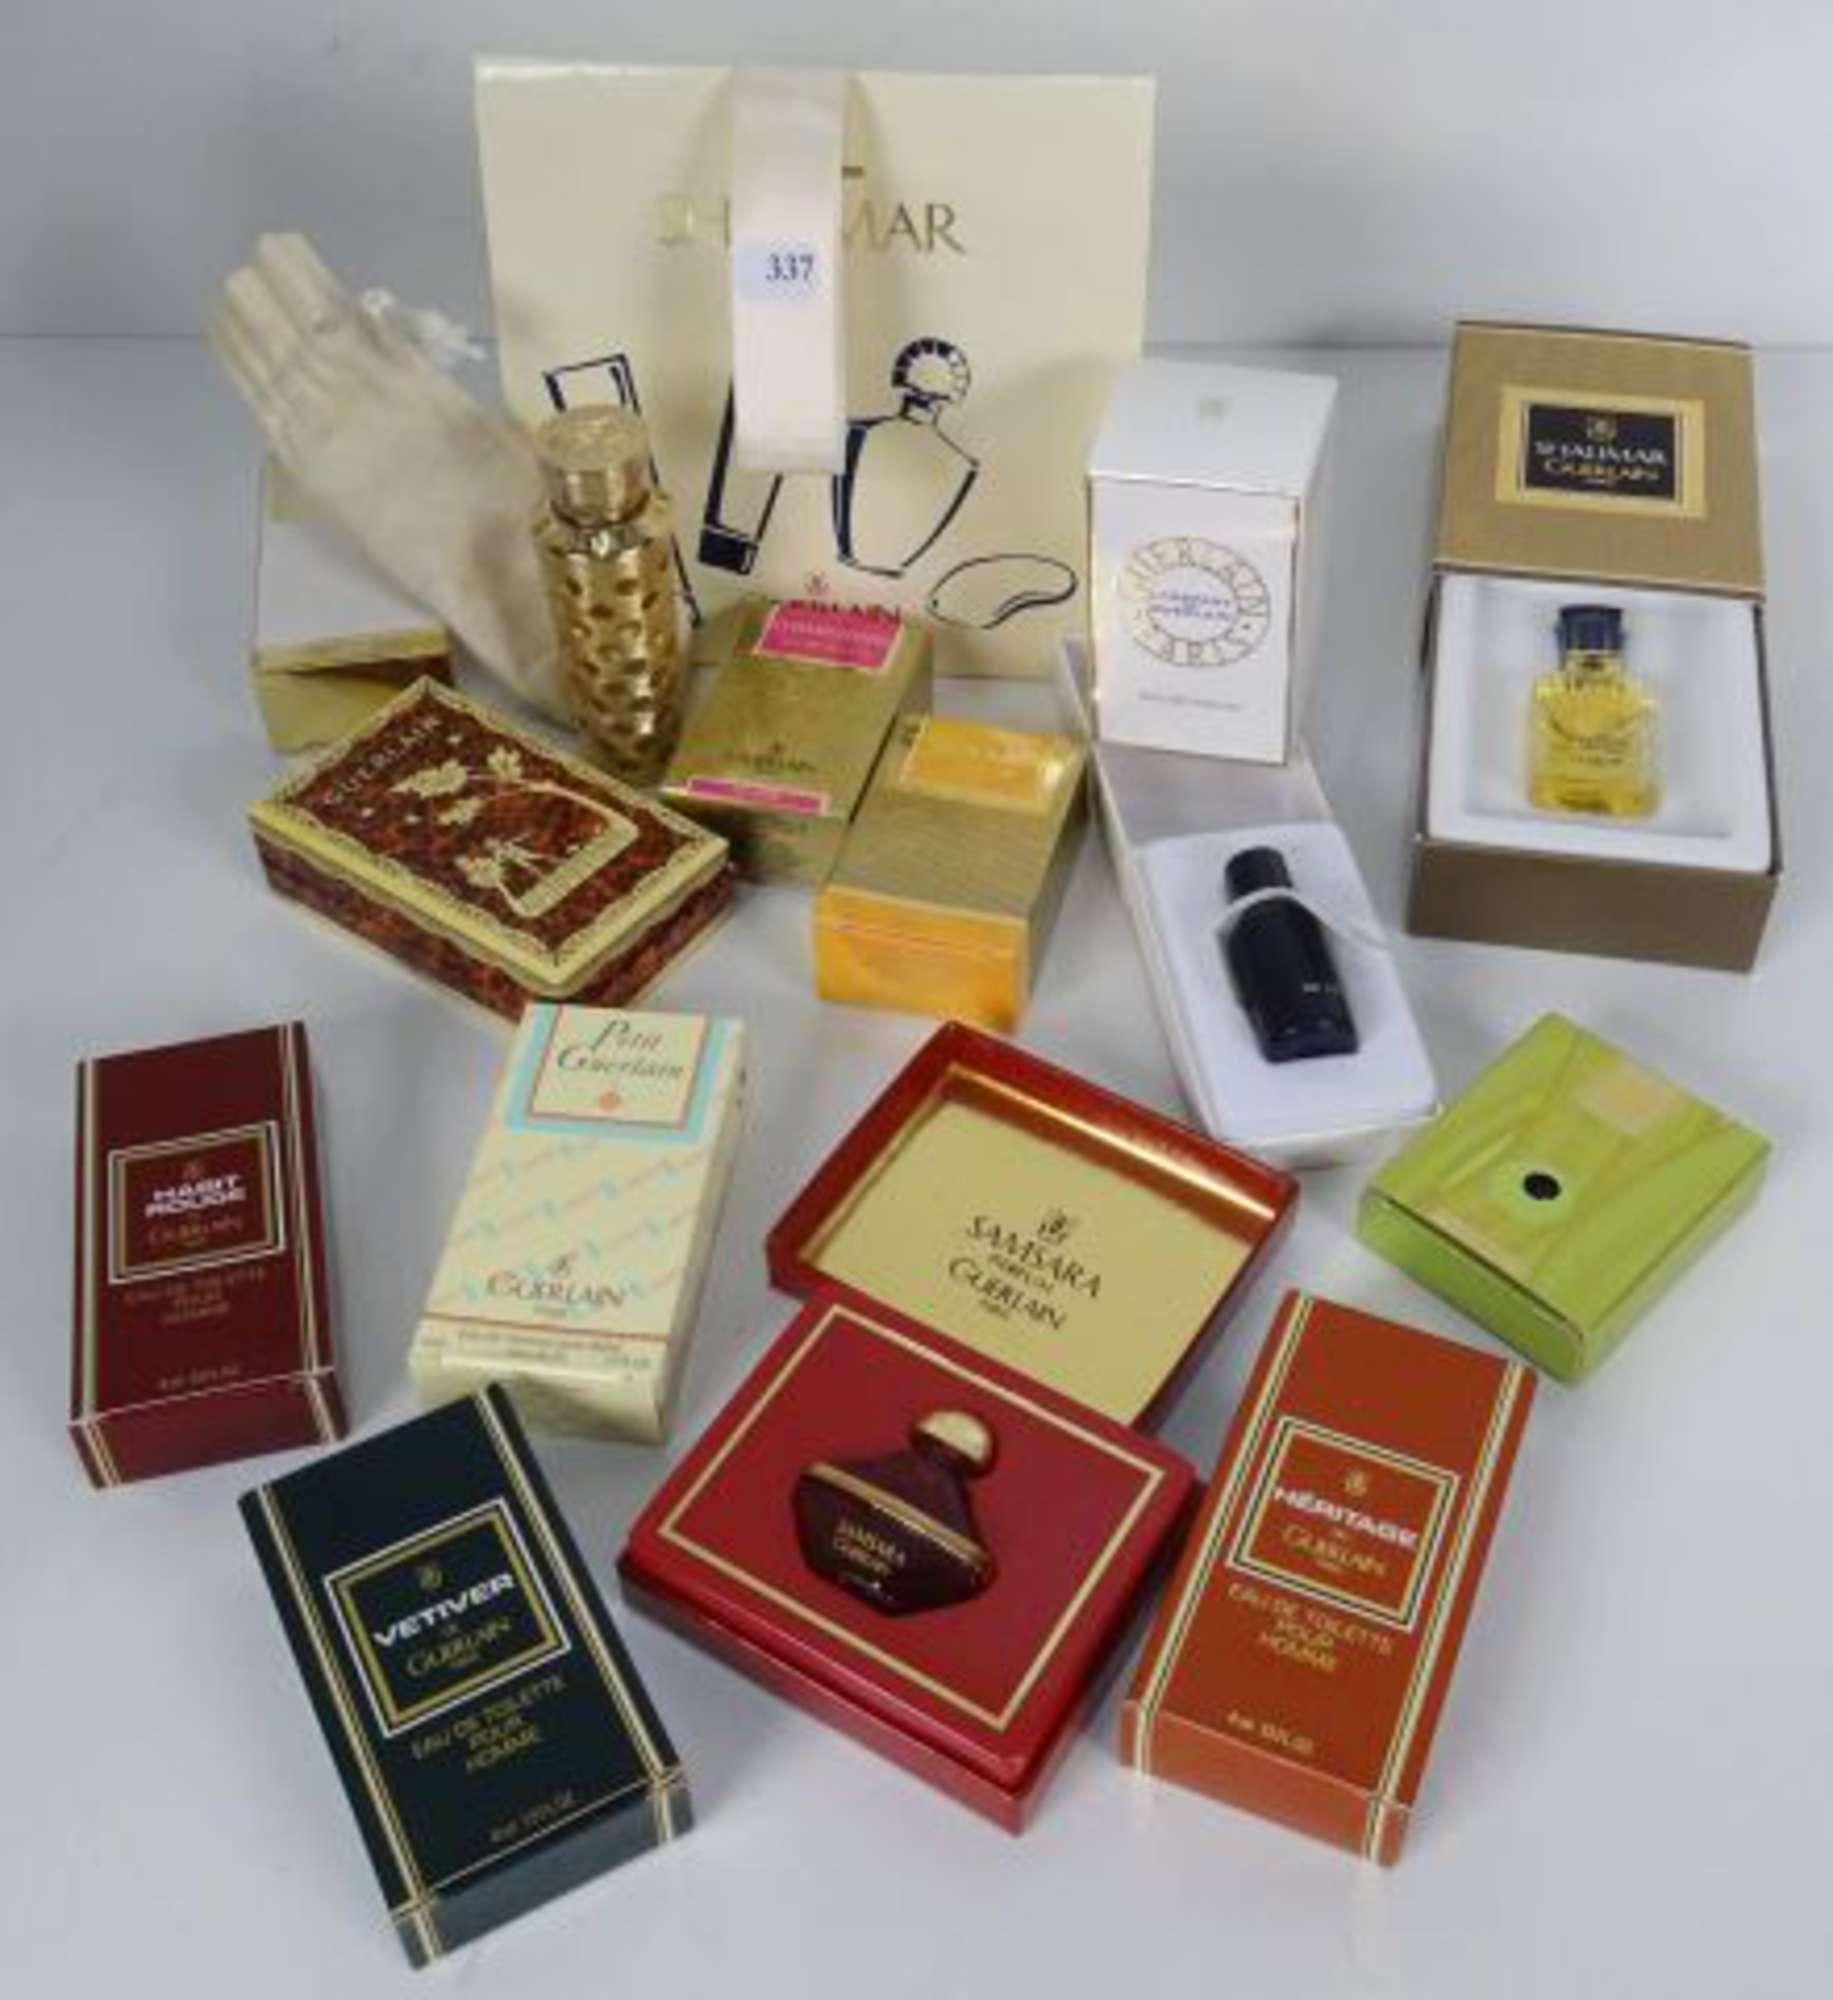 De Miniatures Parfum Guerlain Lot 14 Et Un Vaporisateur Sac FTK1Jc3l